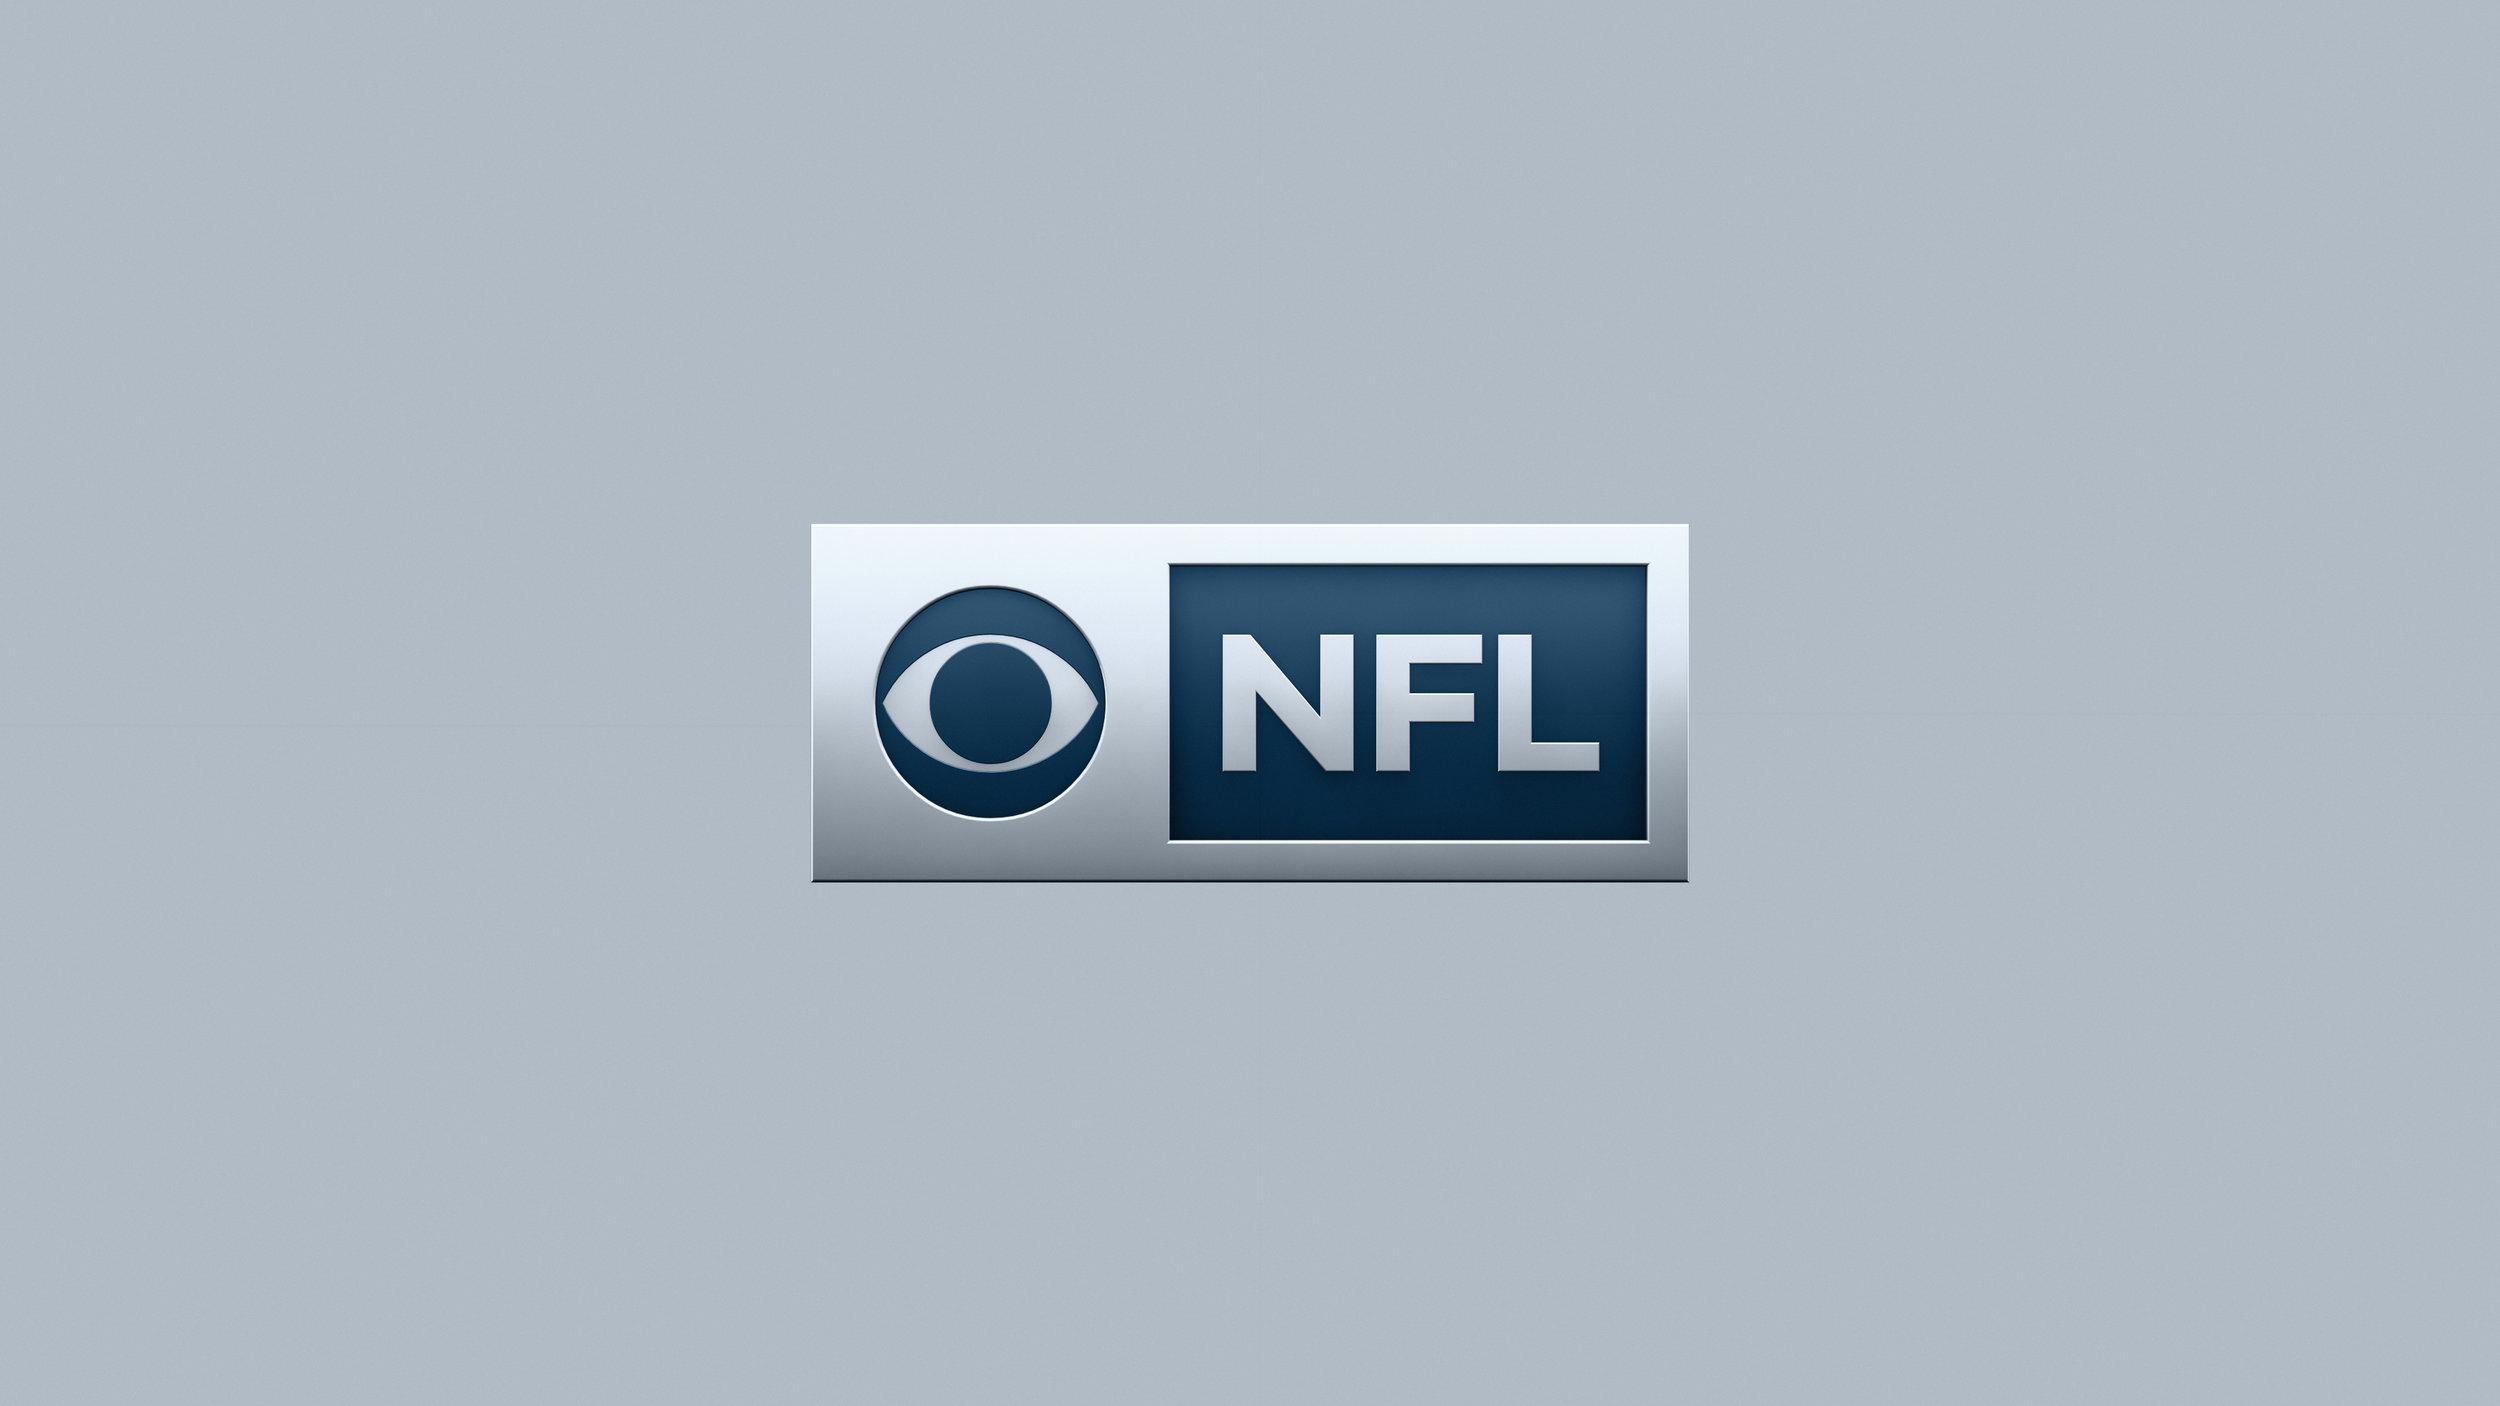 CBS_NFL_v01a.jpg